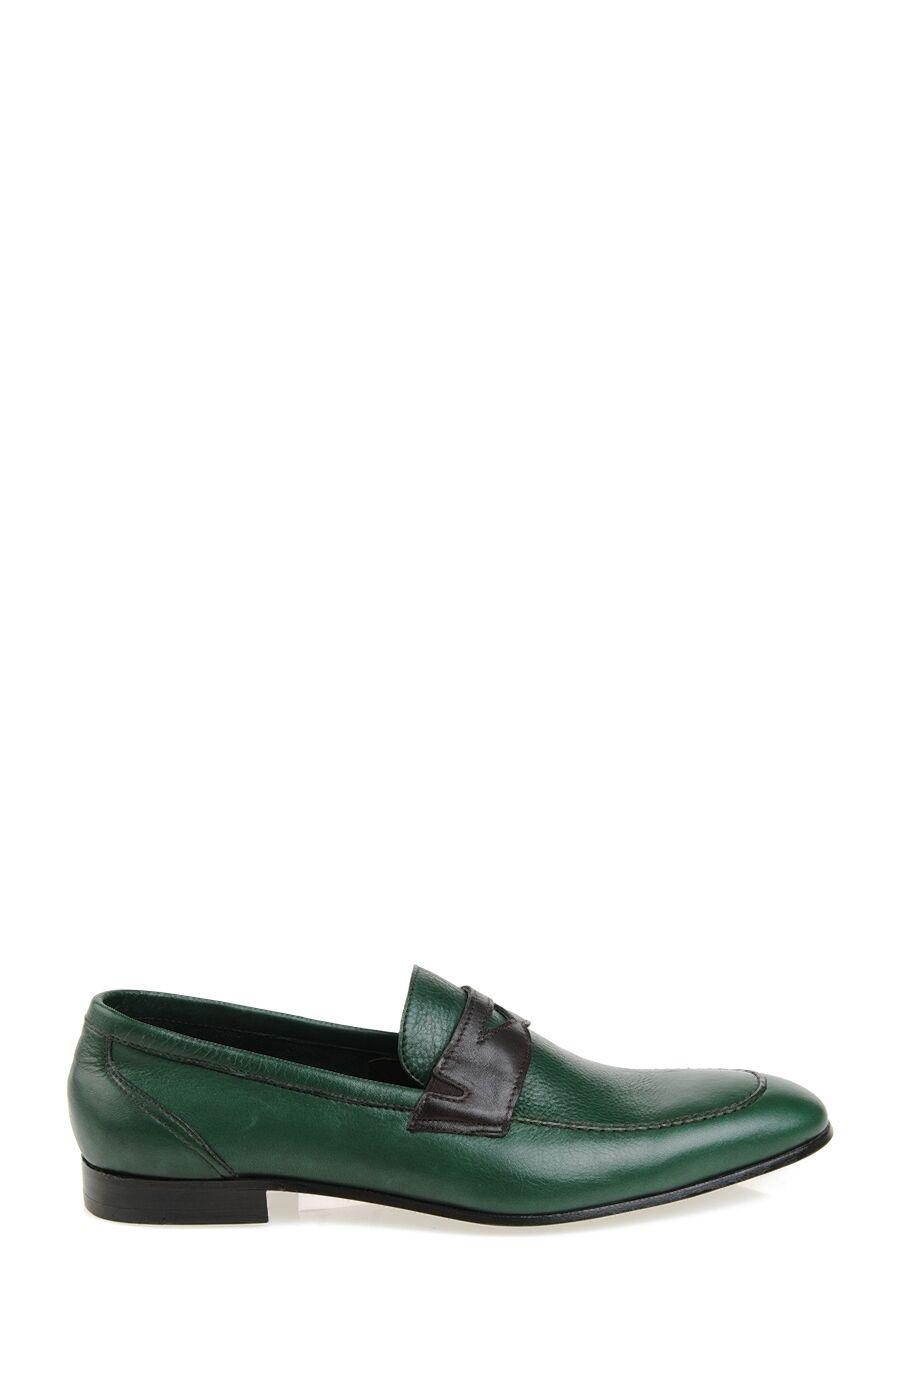 Bantlı Yeşil Loafer Ayakkabı